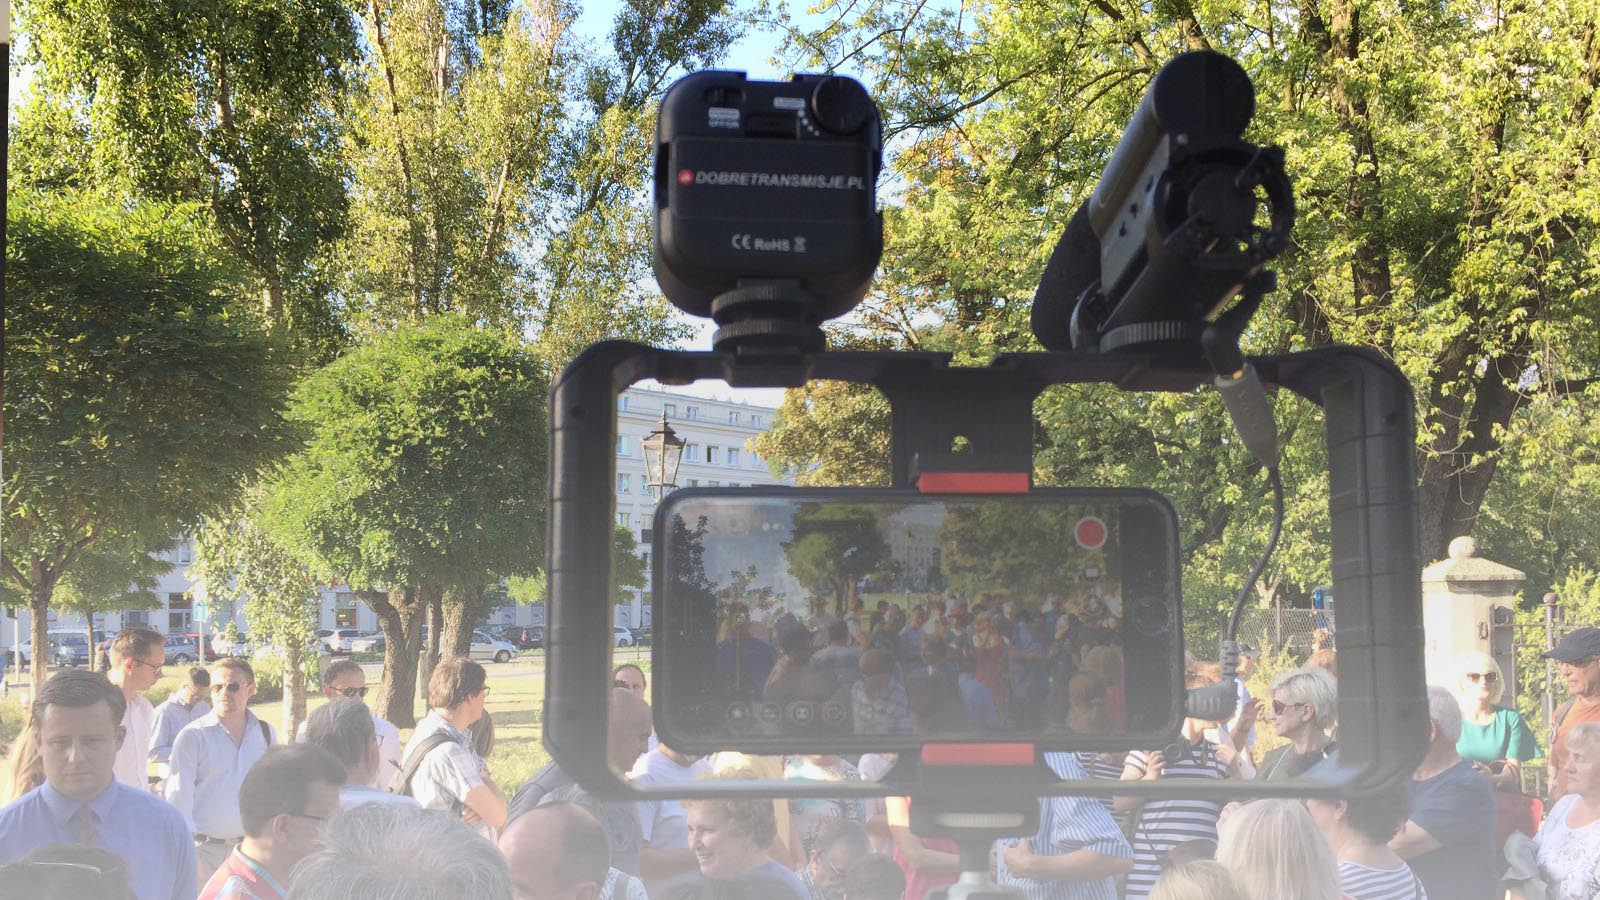 Transmisja online ze spotkania wyborczego w Warszawie